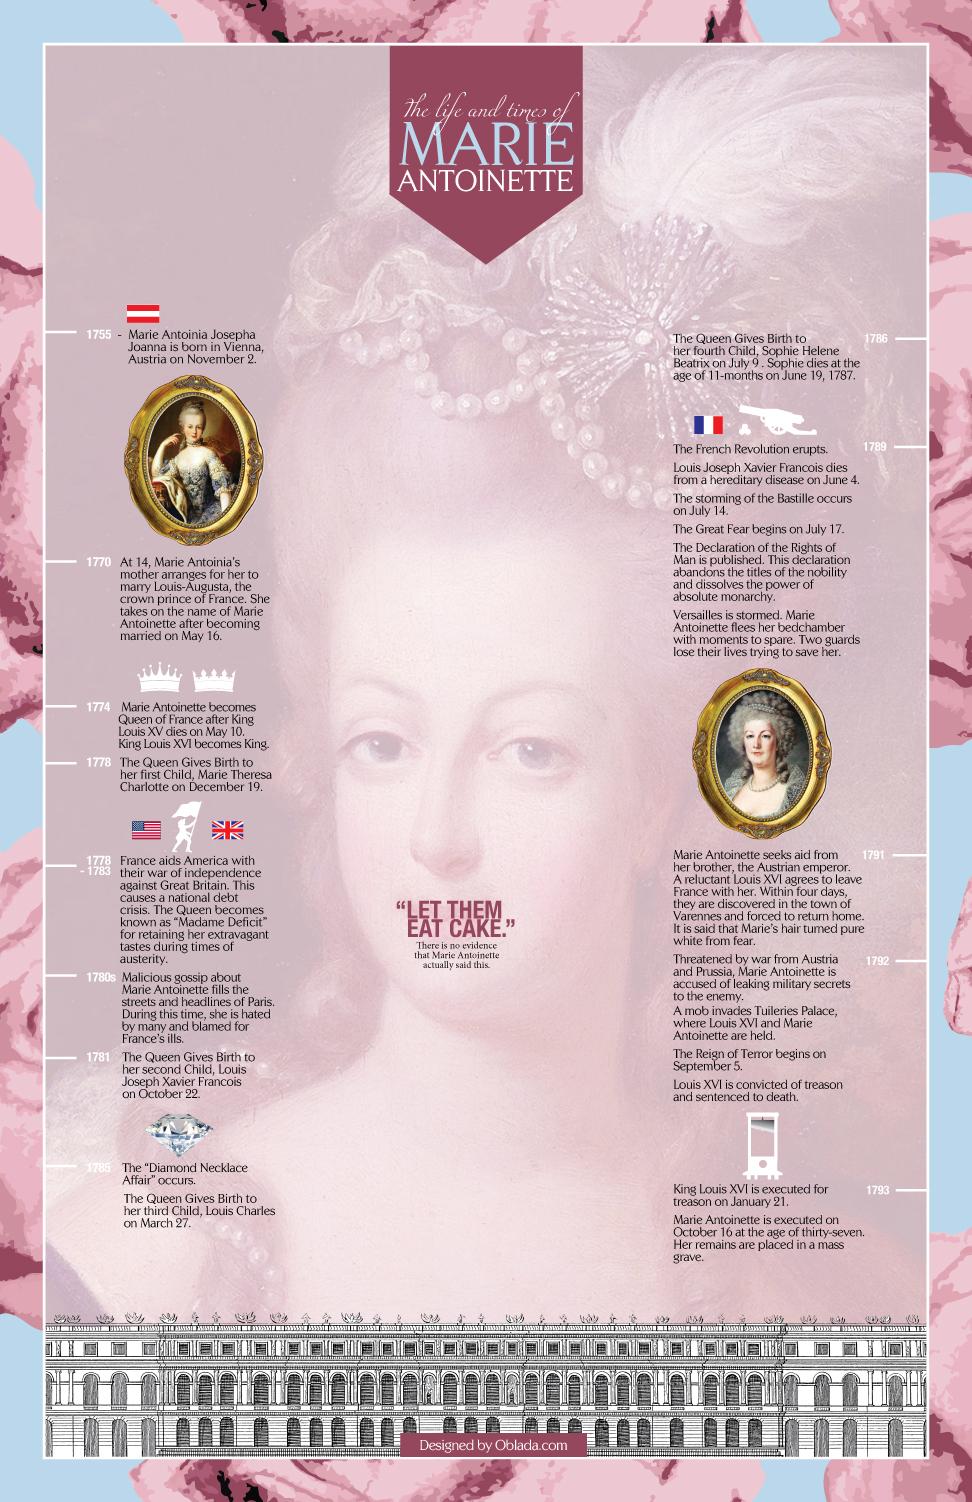 Marie-Antoinette_TIMELINE.jpg